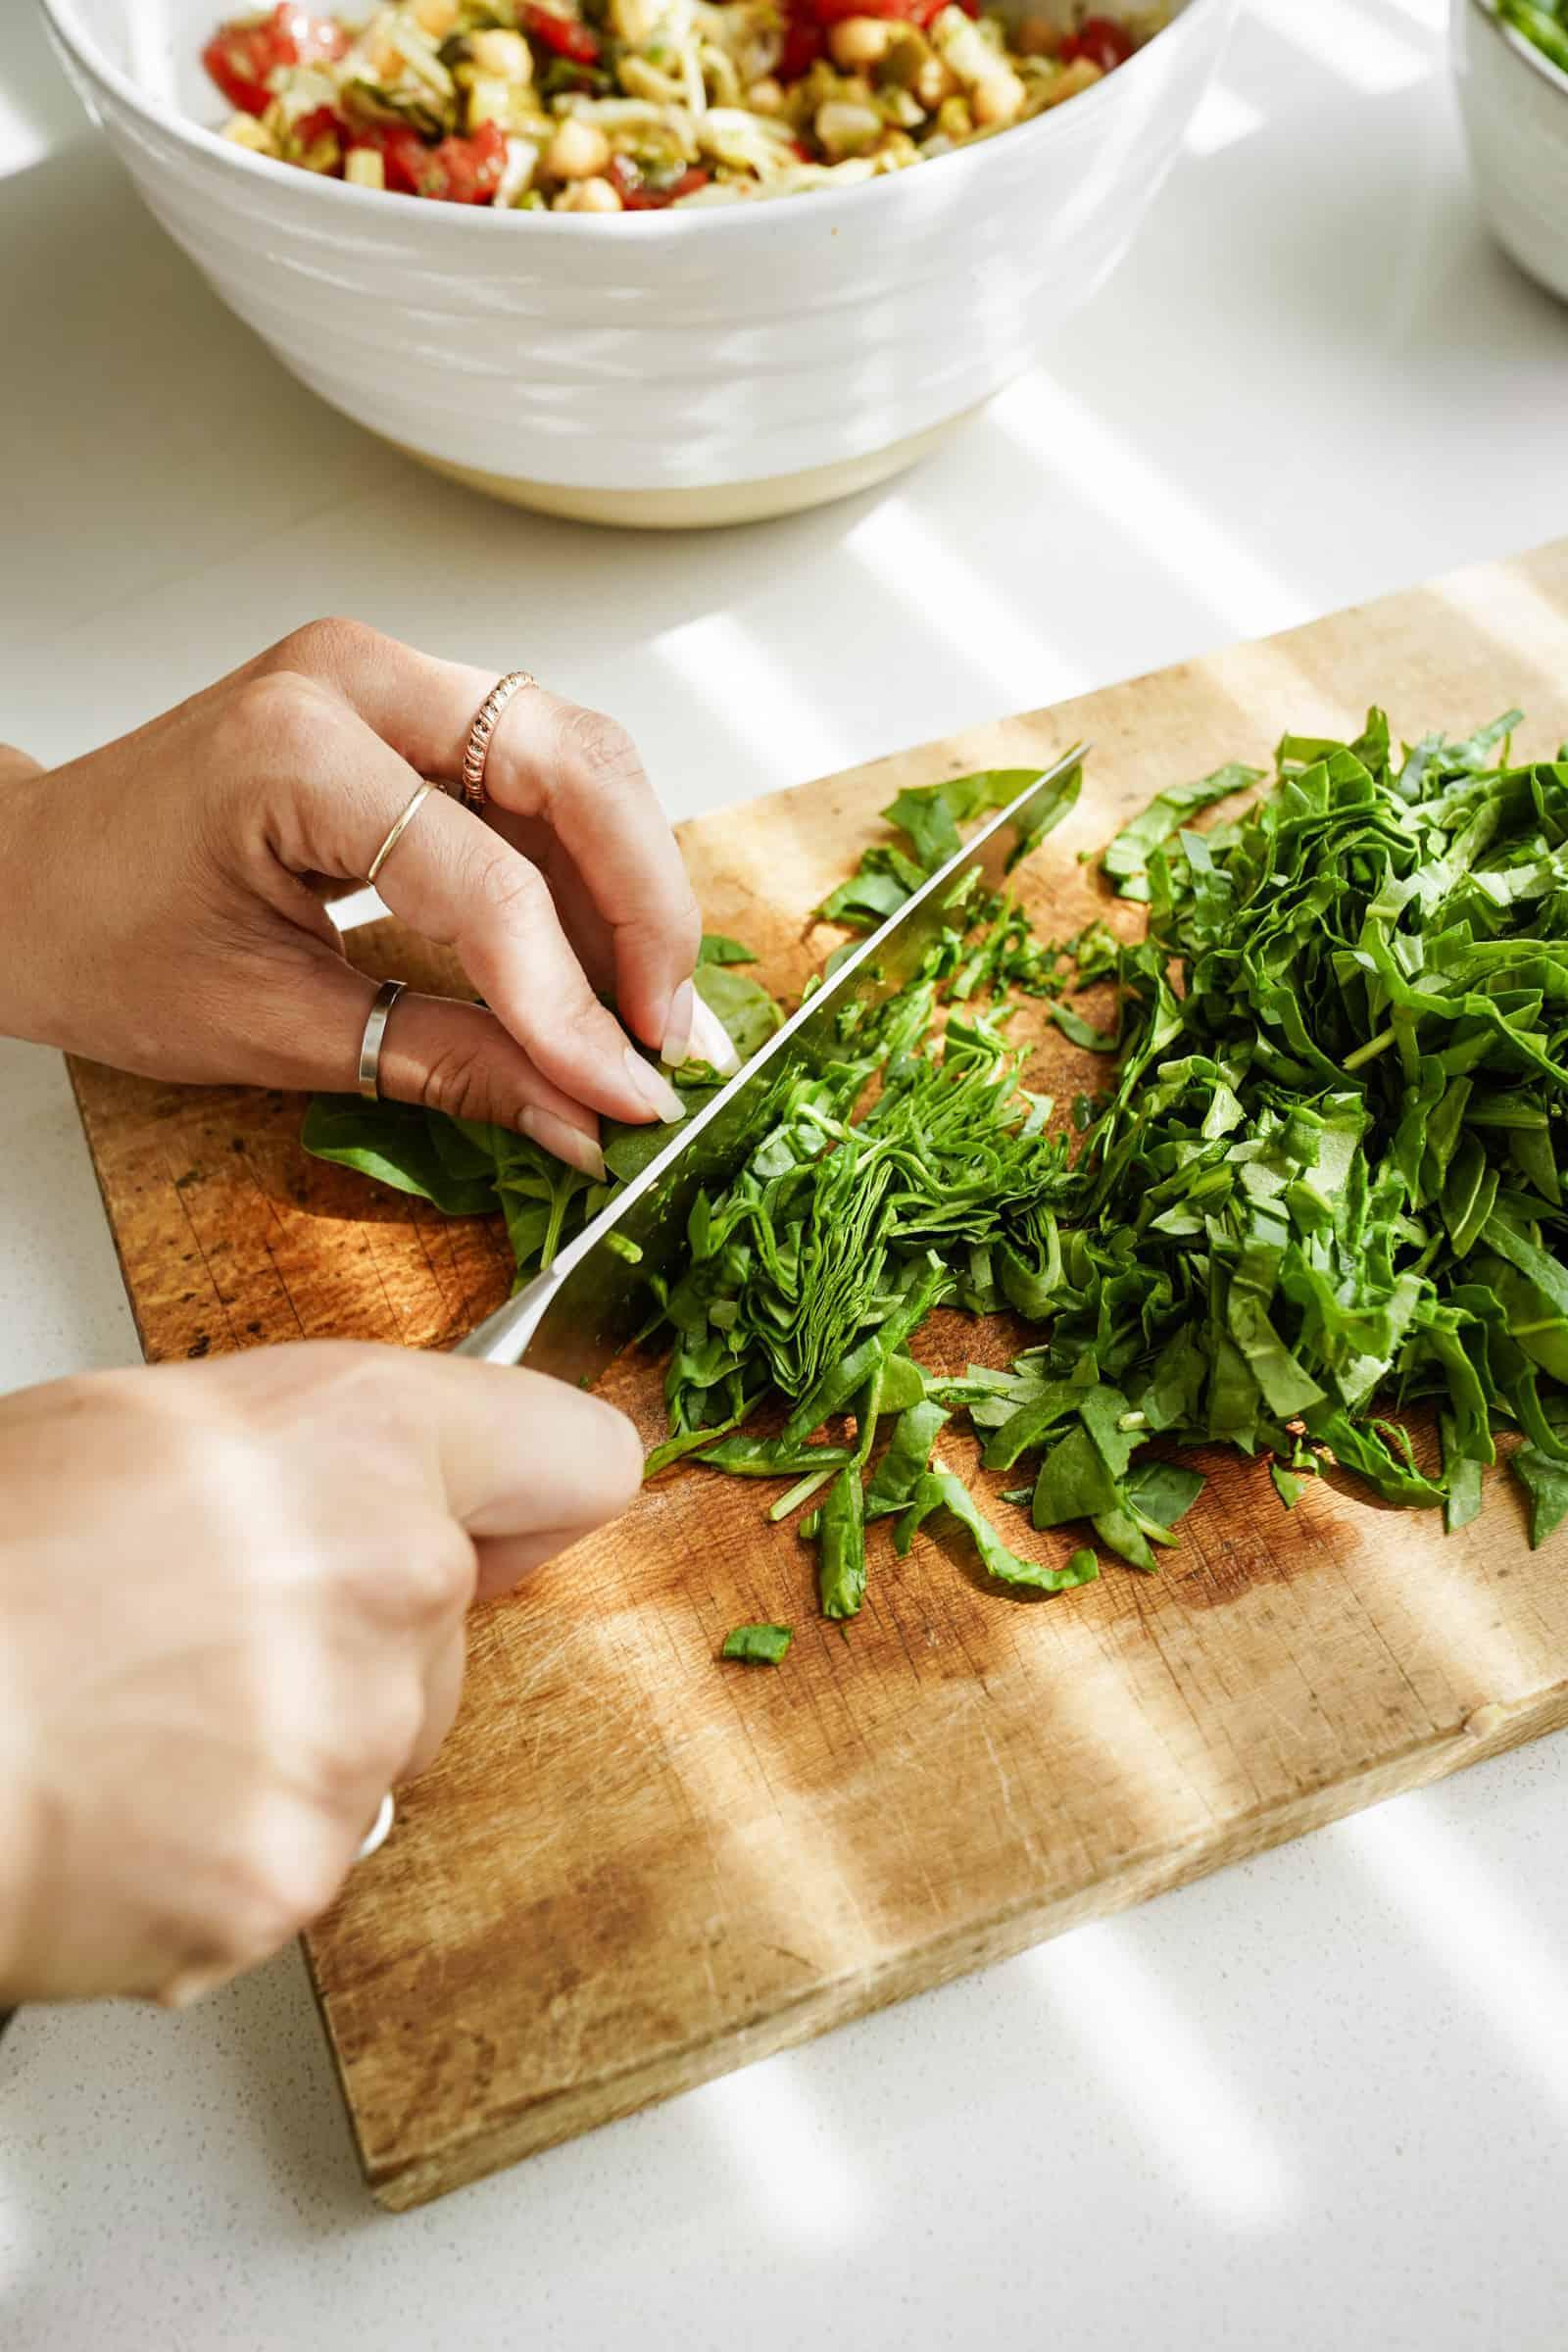 Chopping parsley on a cutting board